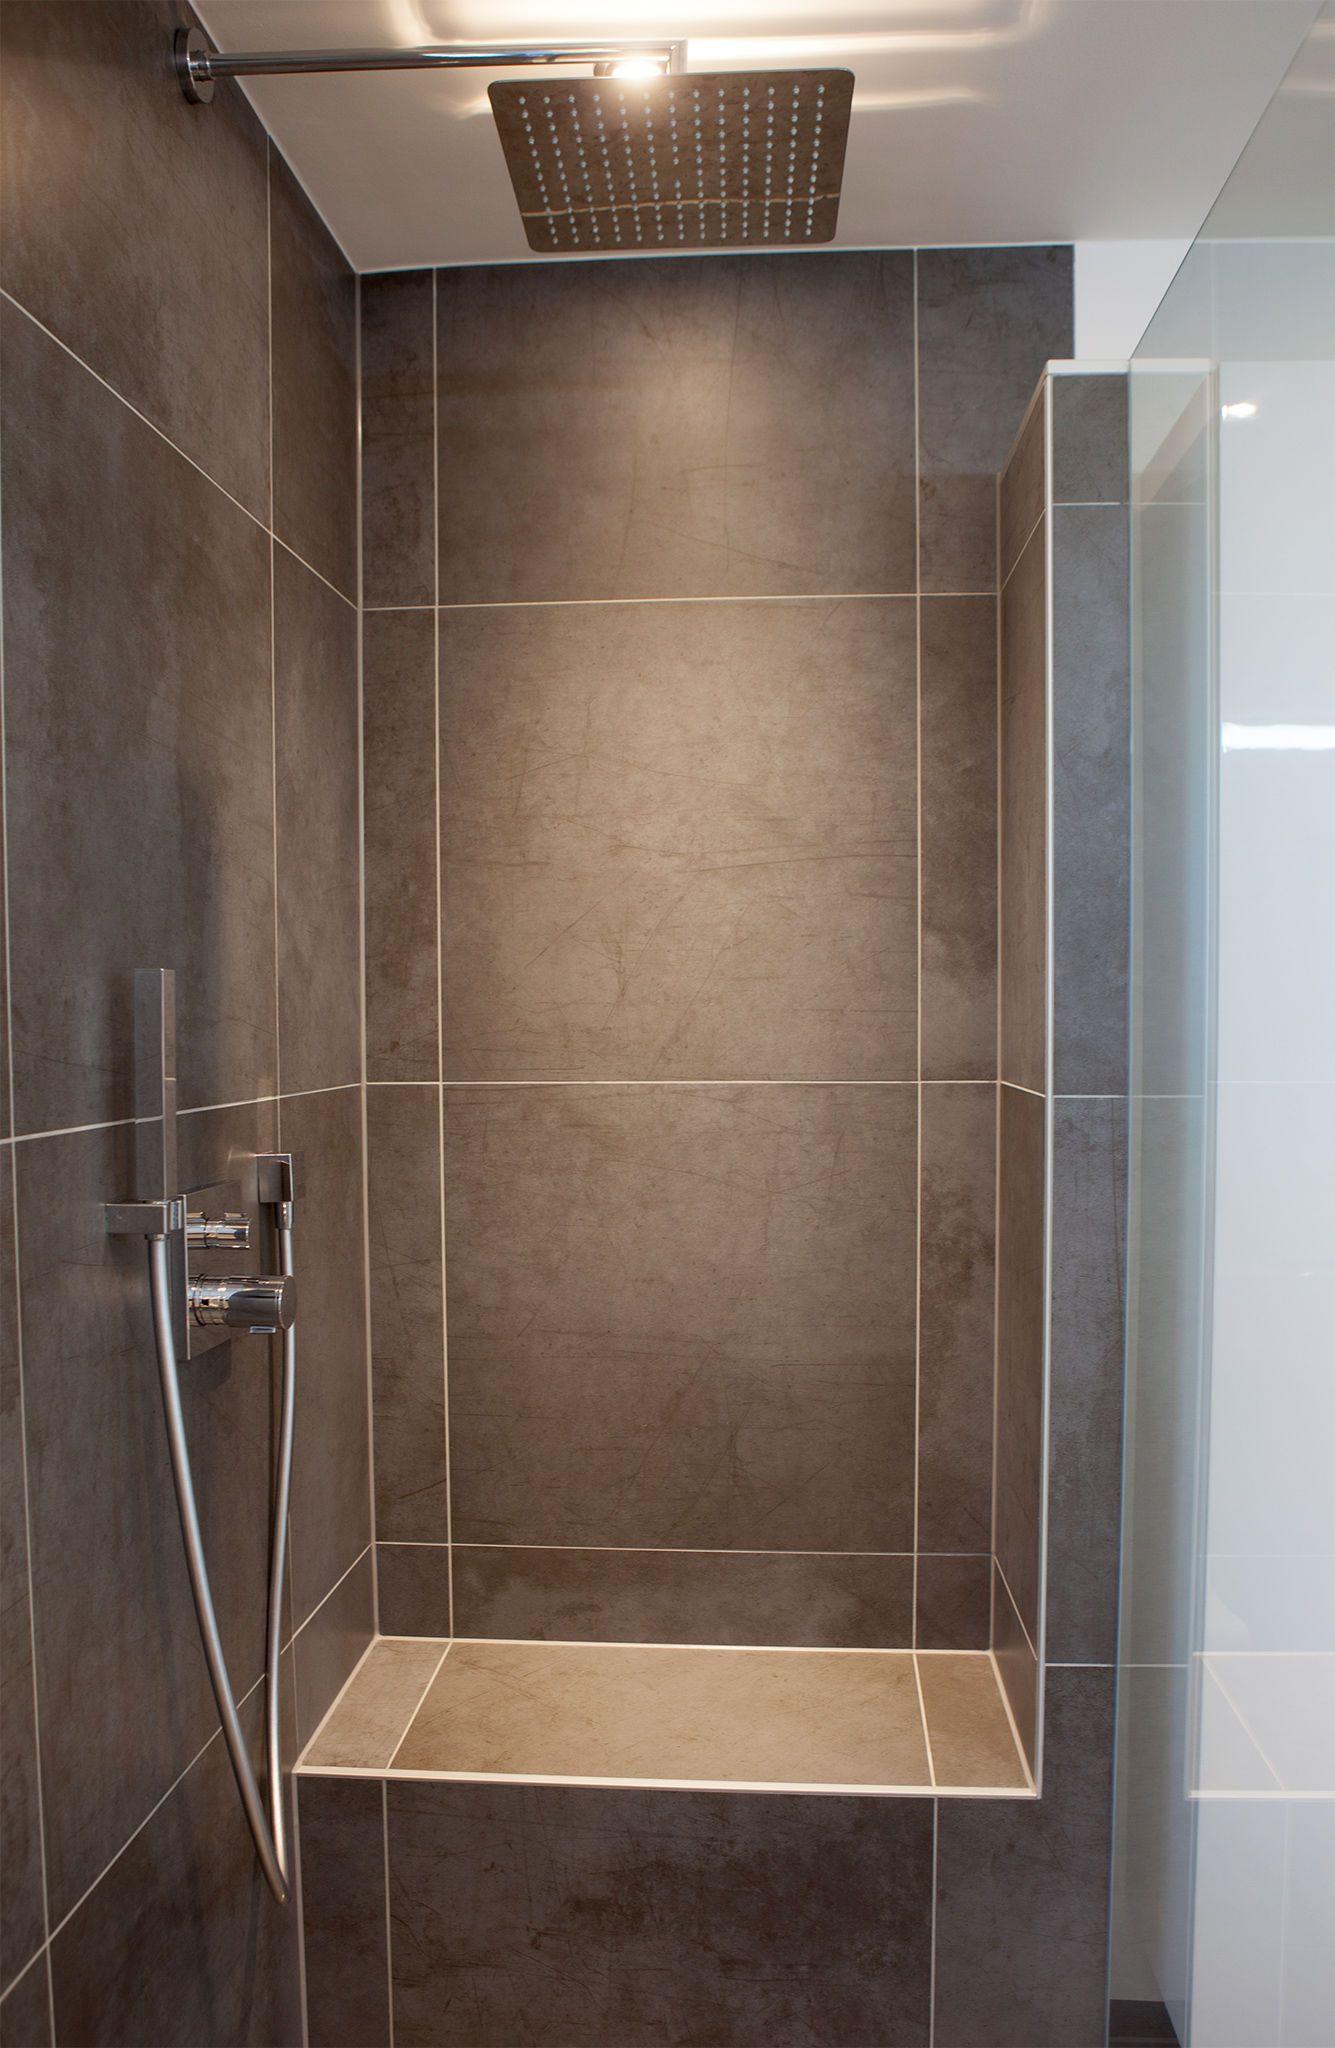 Begehbare Dusche  Begehbare Dusche mit Sitzbank New house ideas